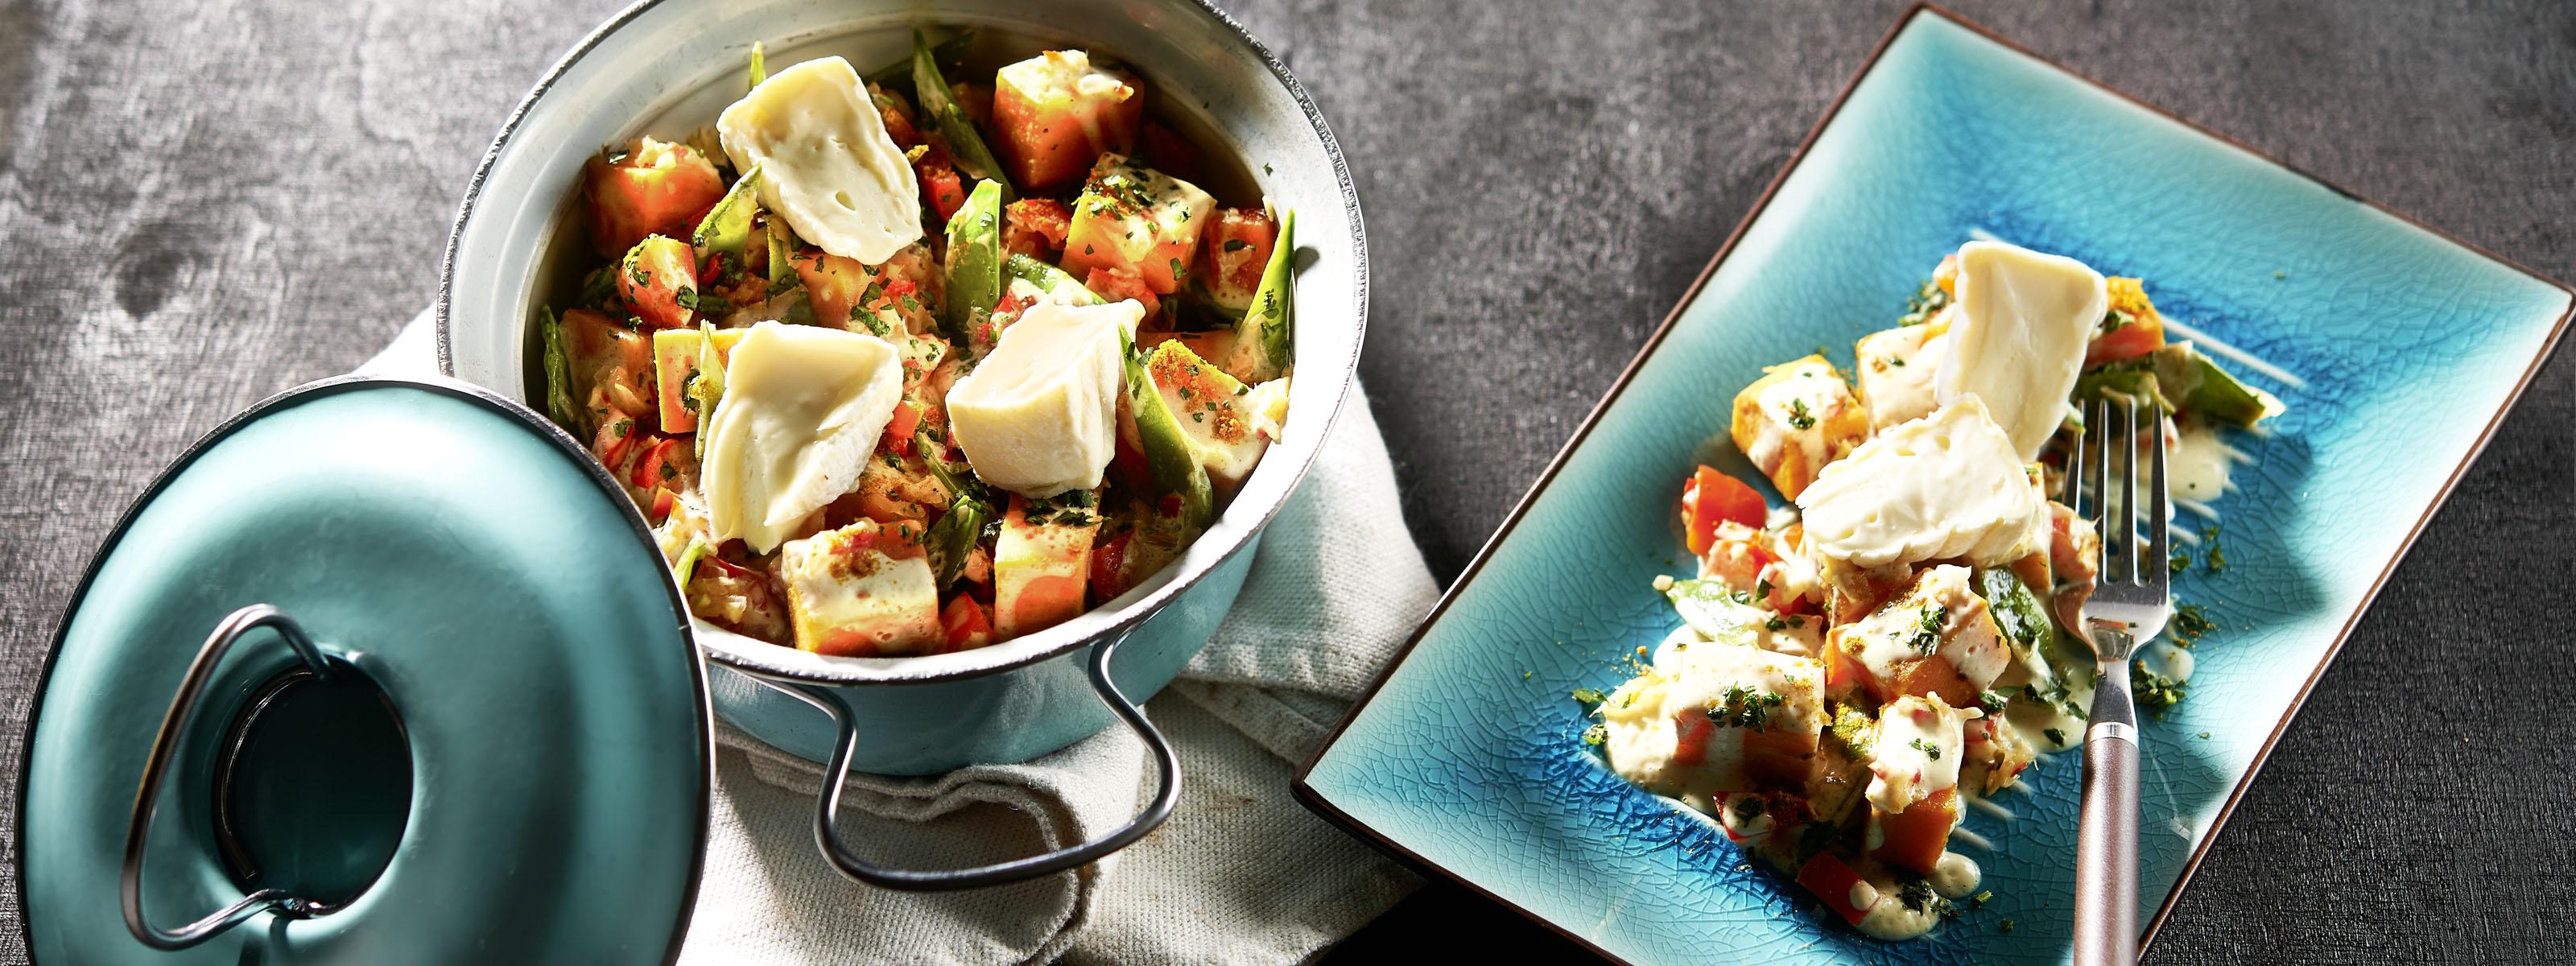 Rezept für Buntes One Pot Süßkartoffel Curry